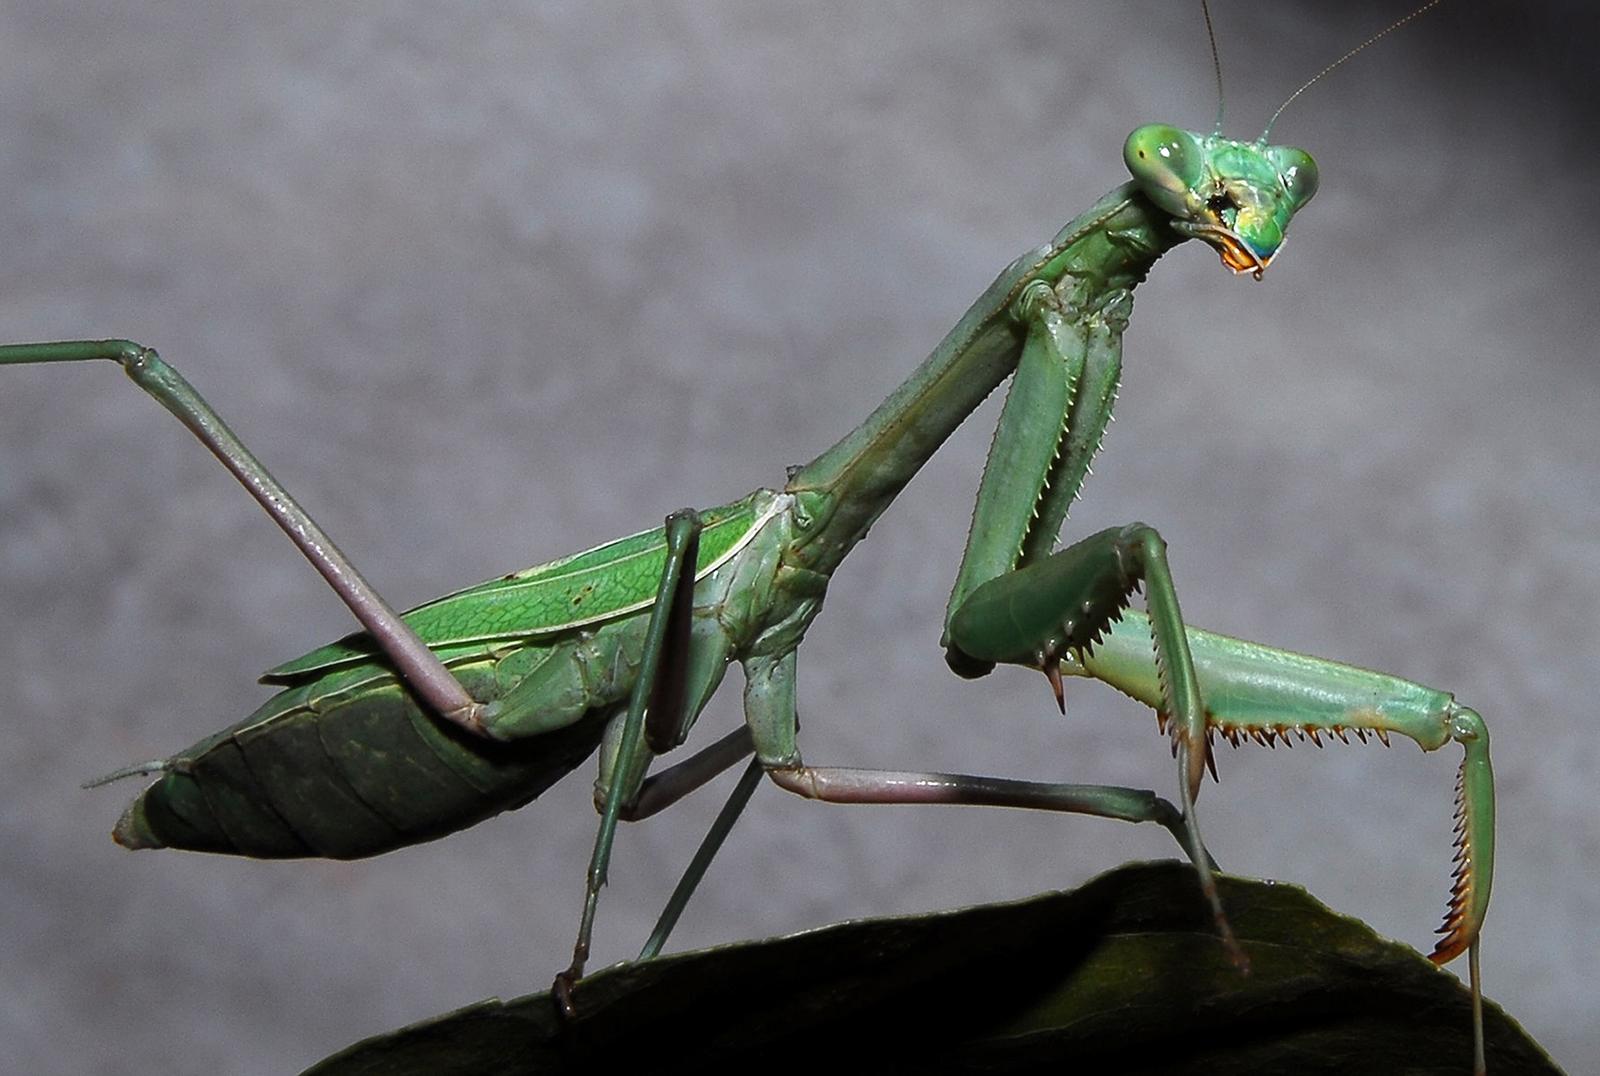 Praying Mantis Pics, Animal Collection